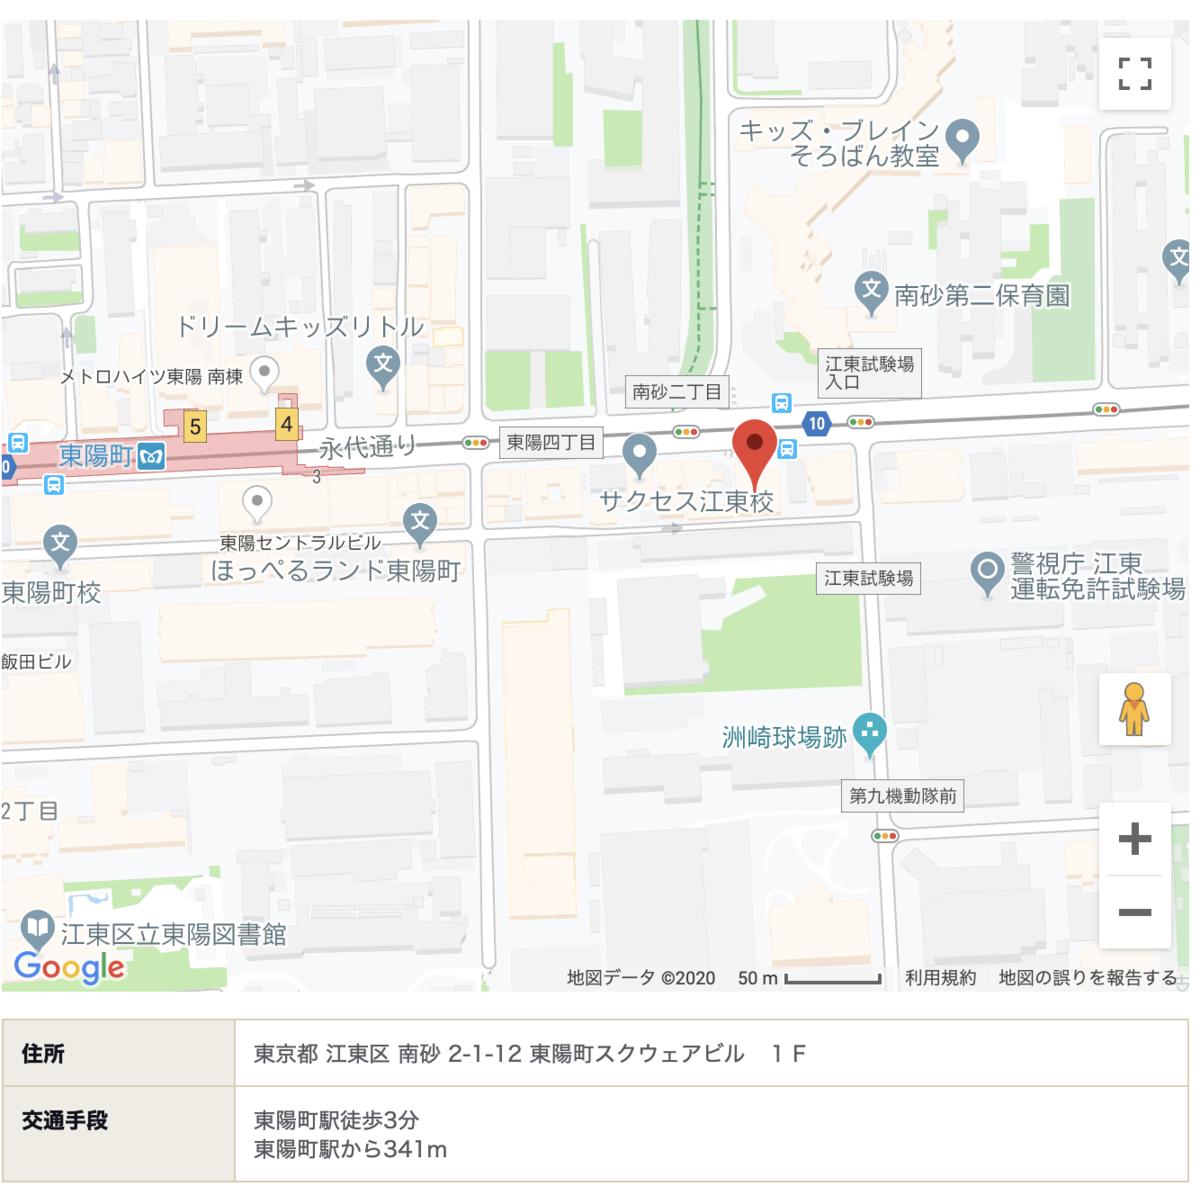 f:id:yoshi32blog:20200203224534p:plain